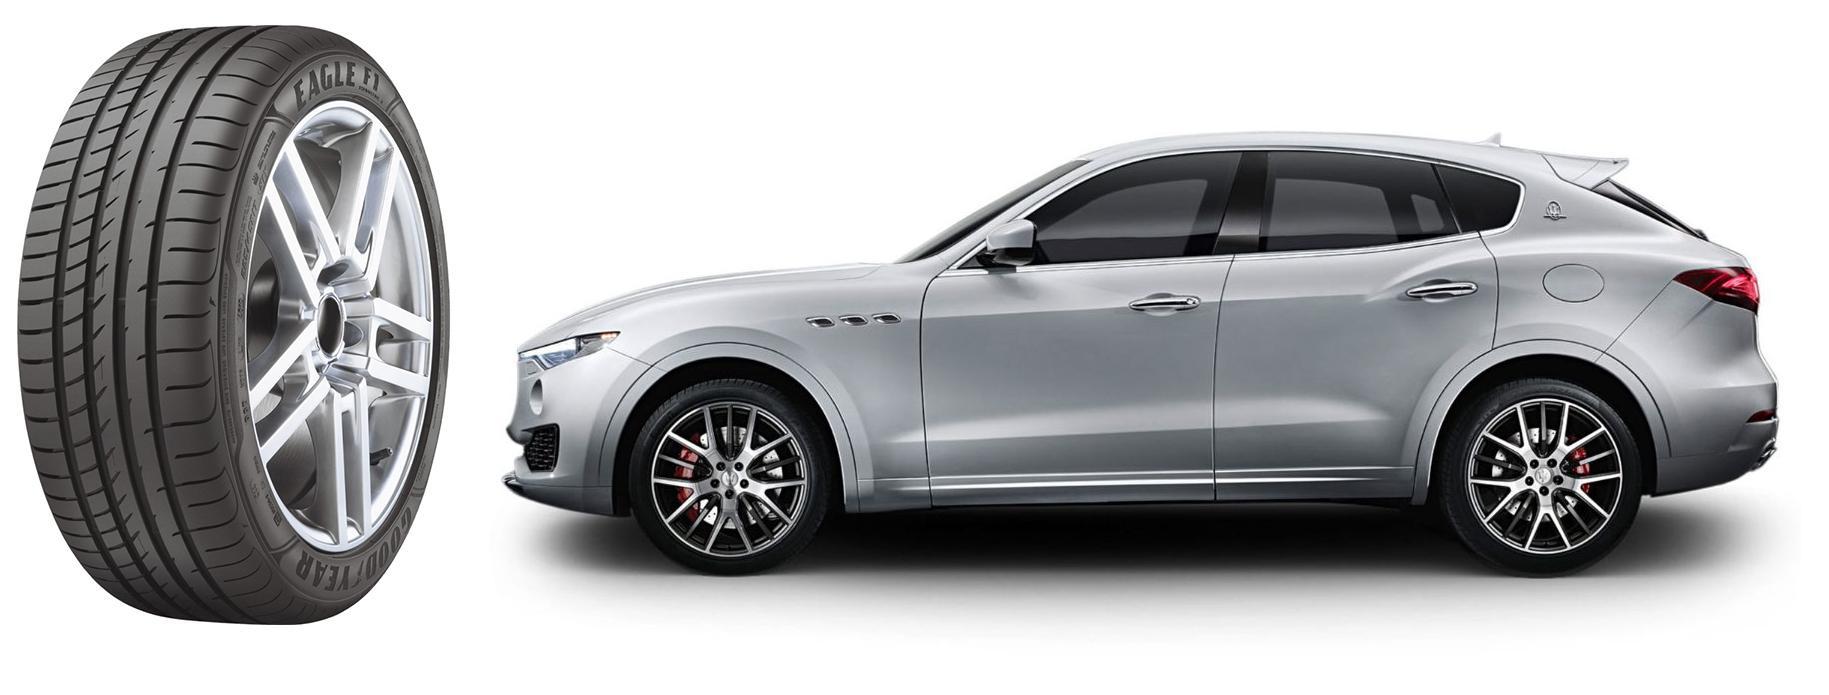 Шины Goodyear Eagle F1 Asymmetric 2 SUV омологированы для Maserati Levante